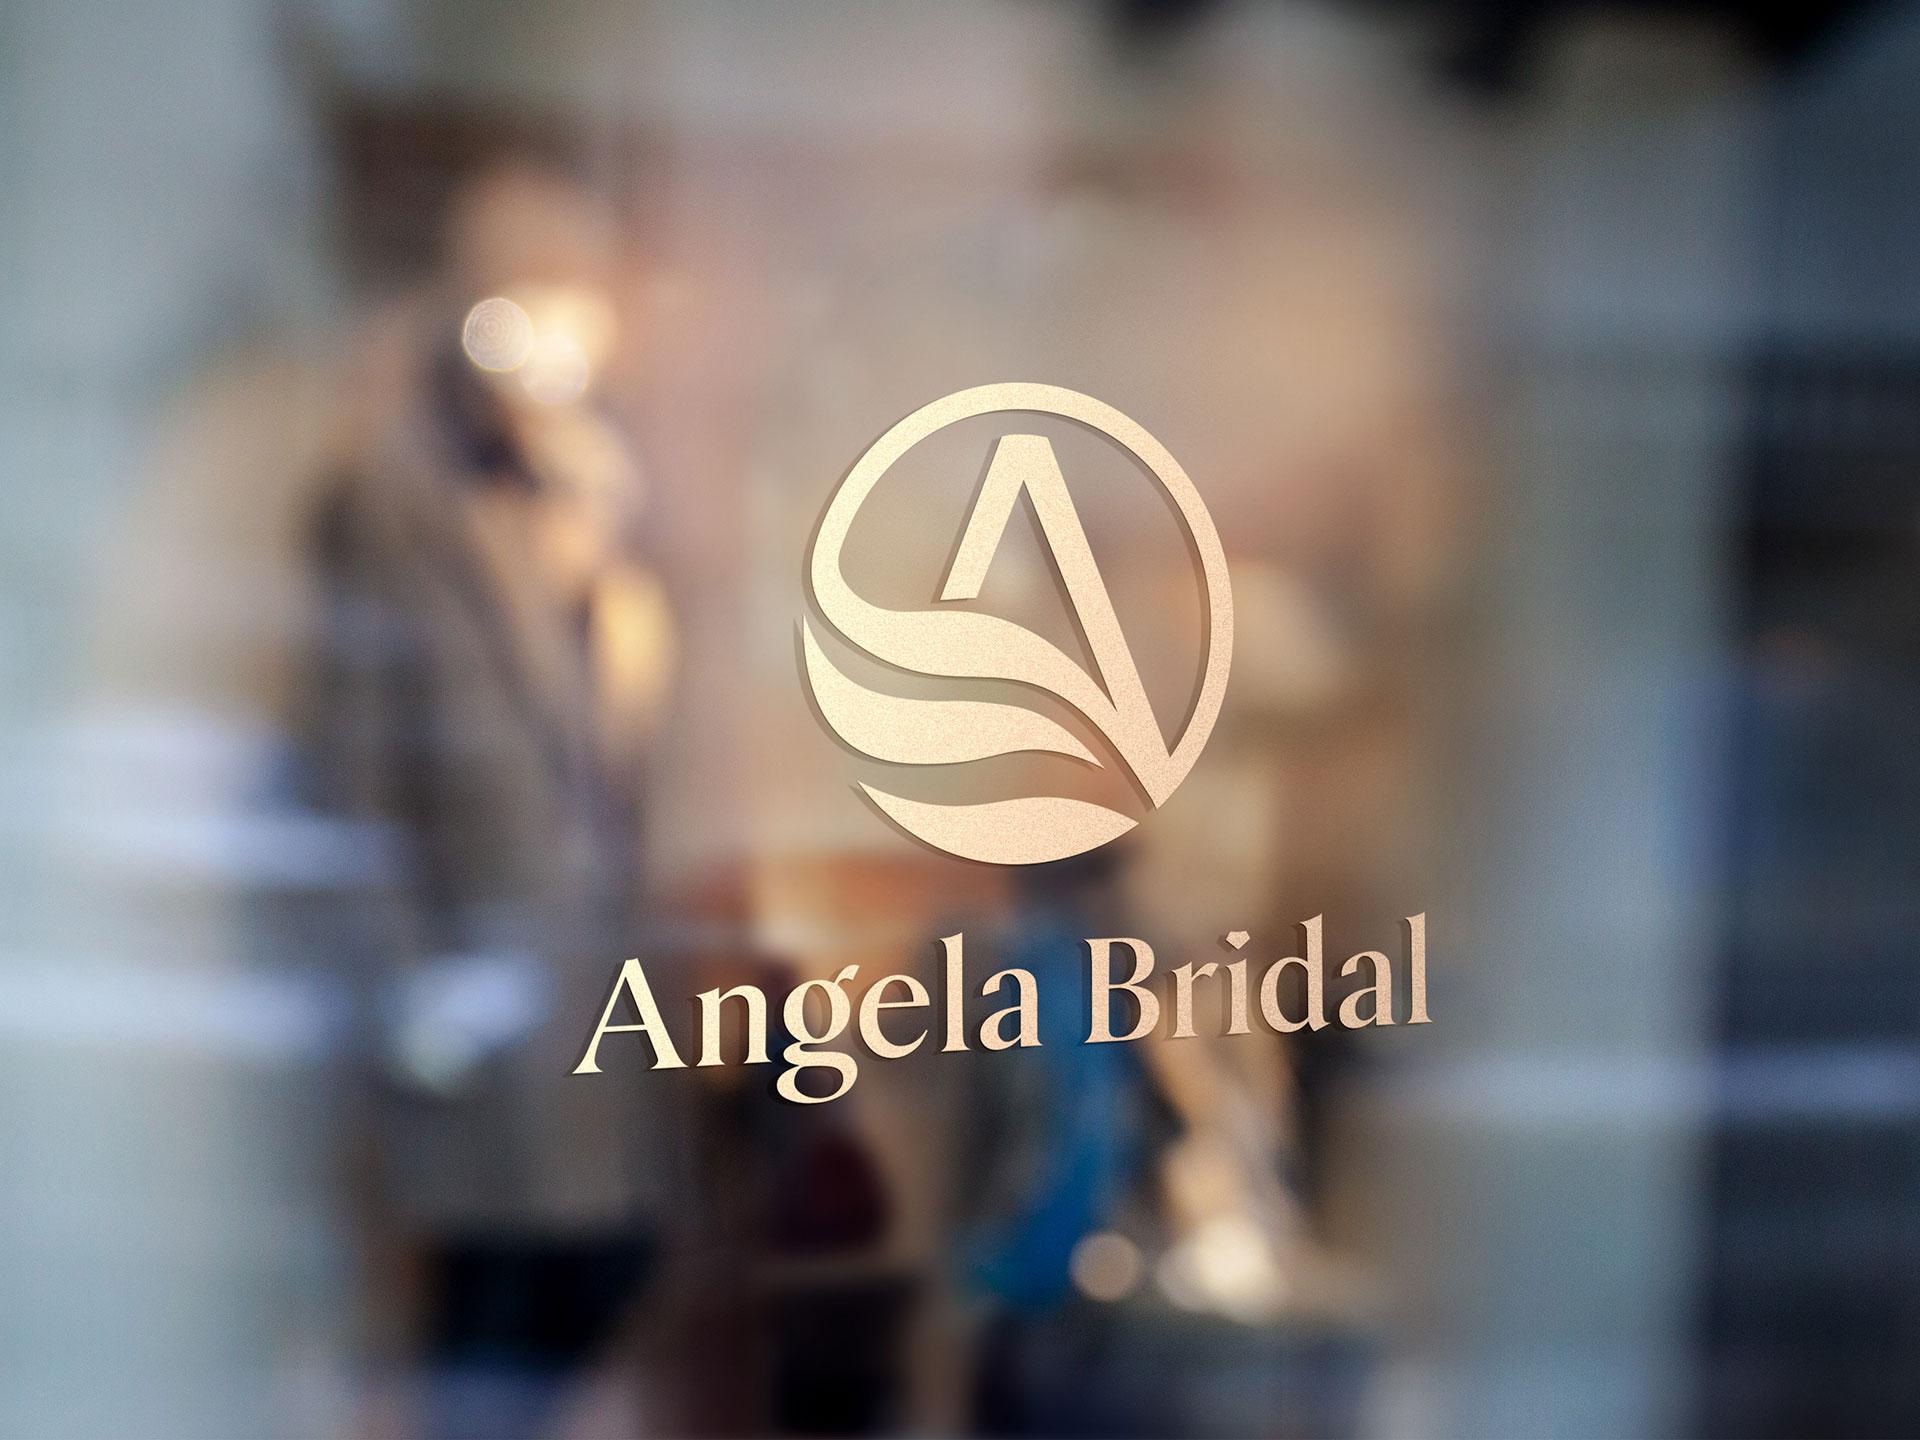 Thiết kế logo công ty Angela Bridal tại TP HCM